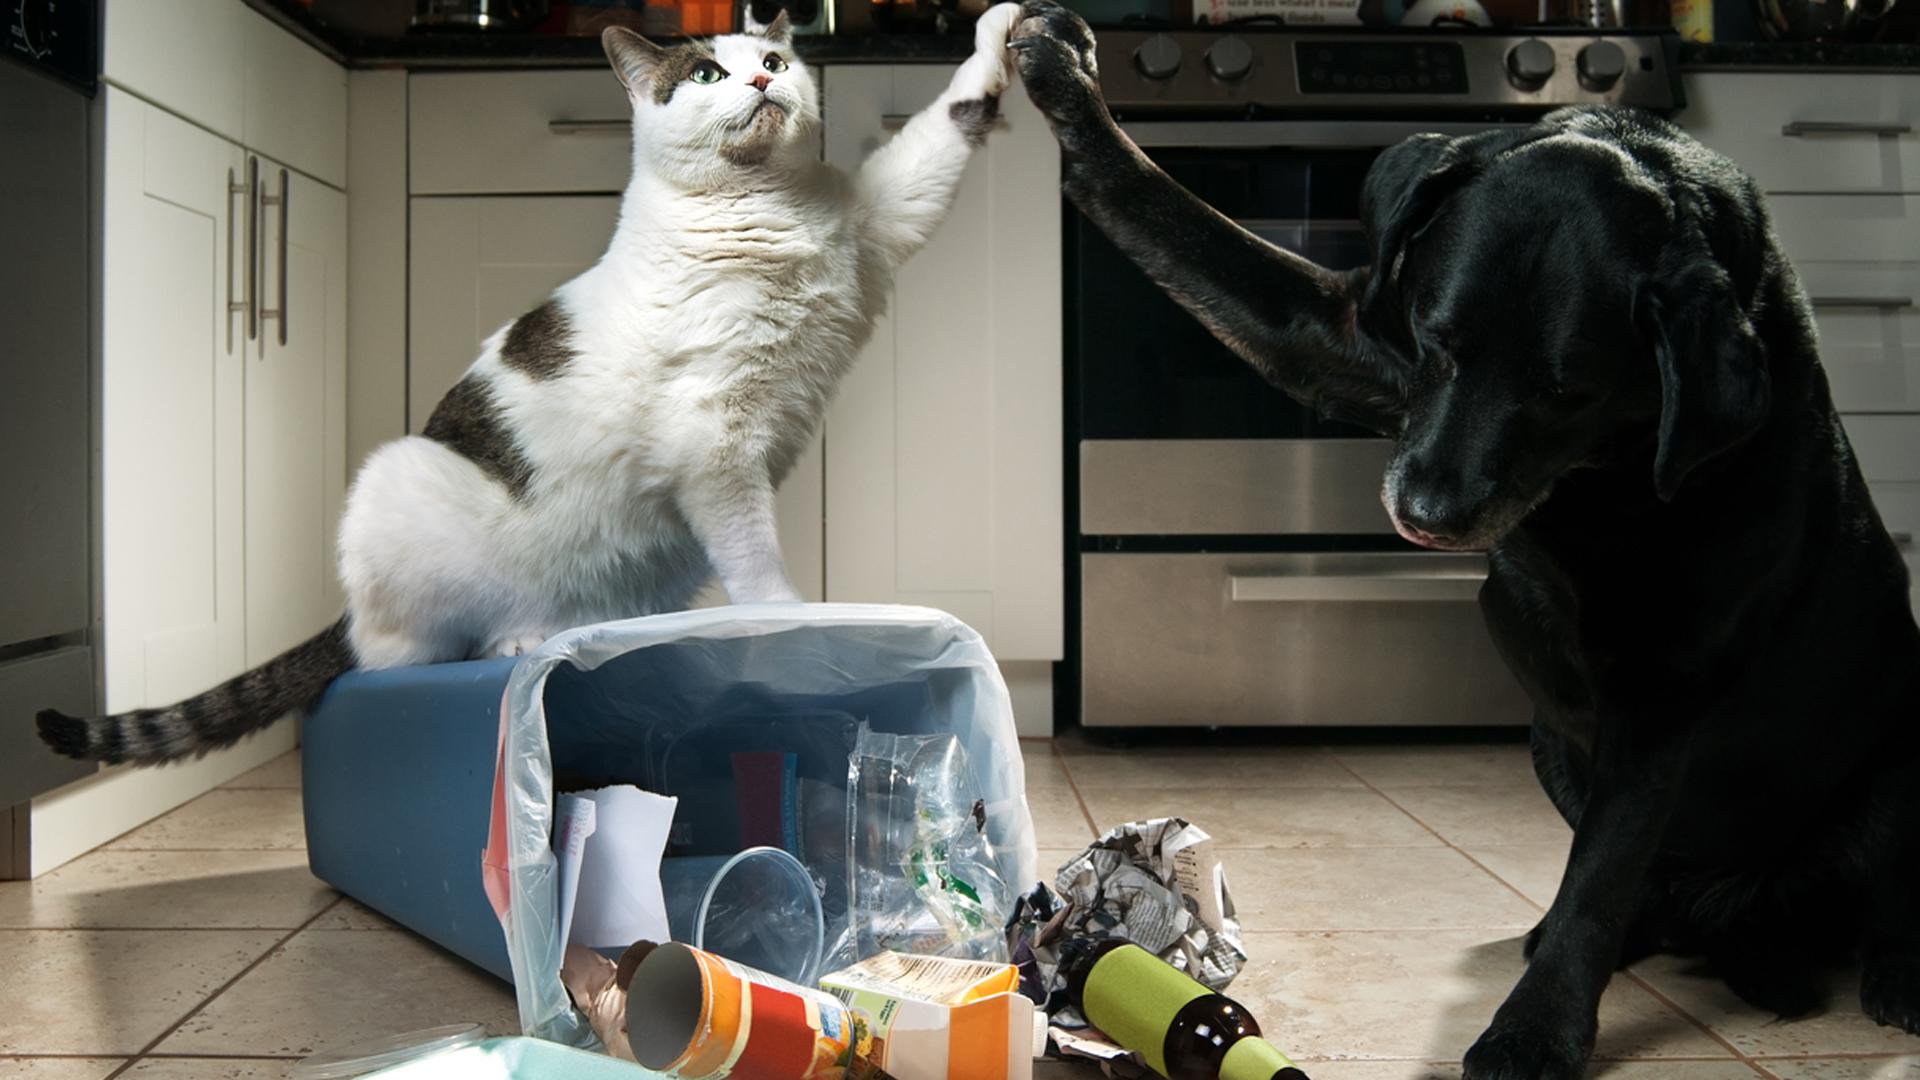 La presencia de mascotas no ayuda a generar un lugar higiénico (Istock)